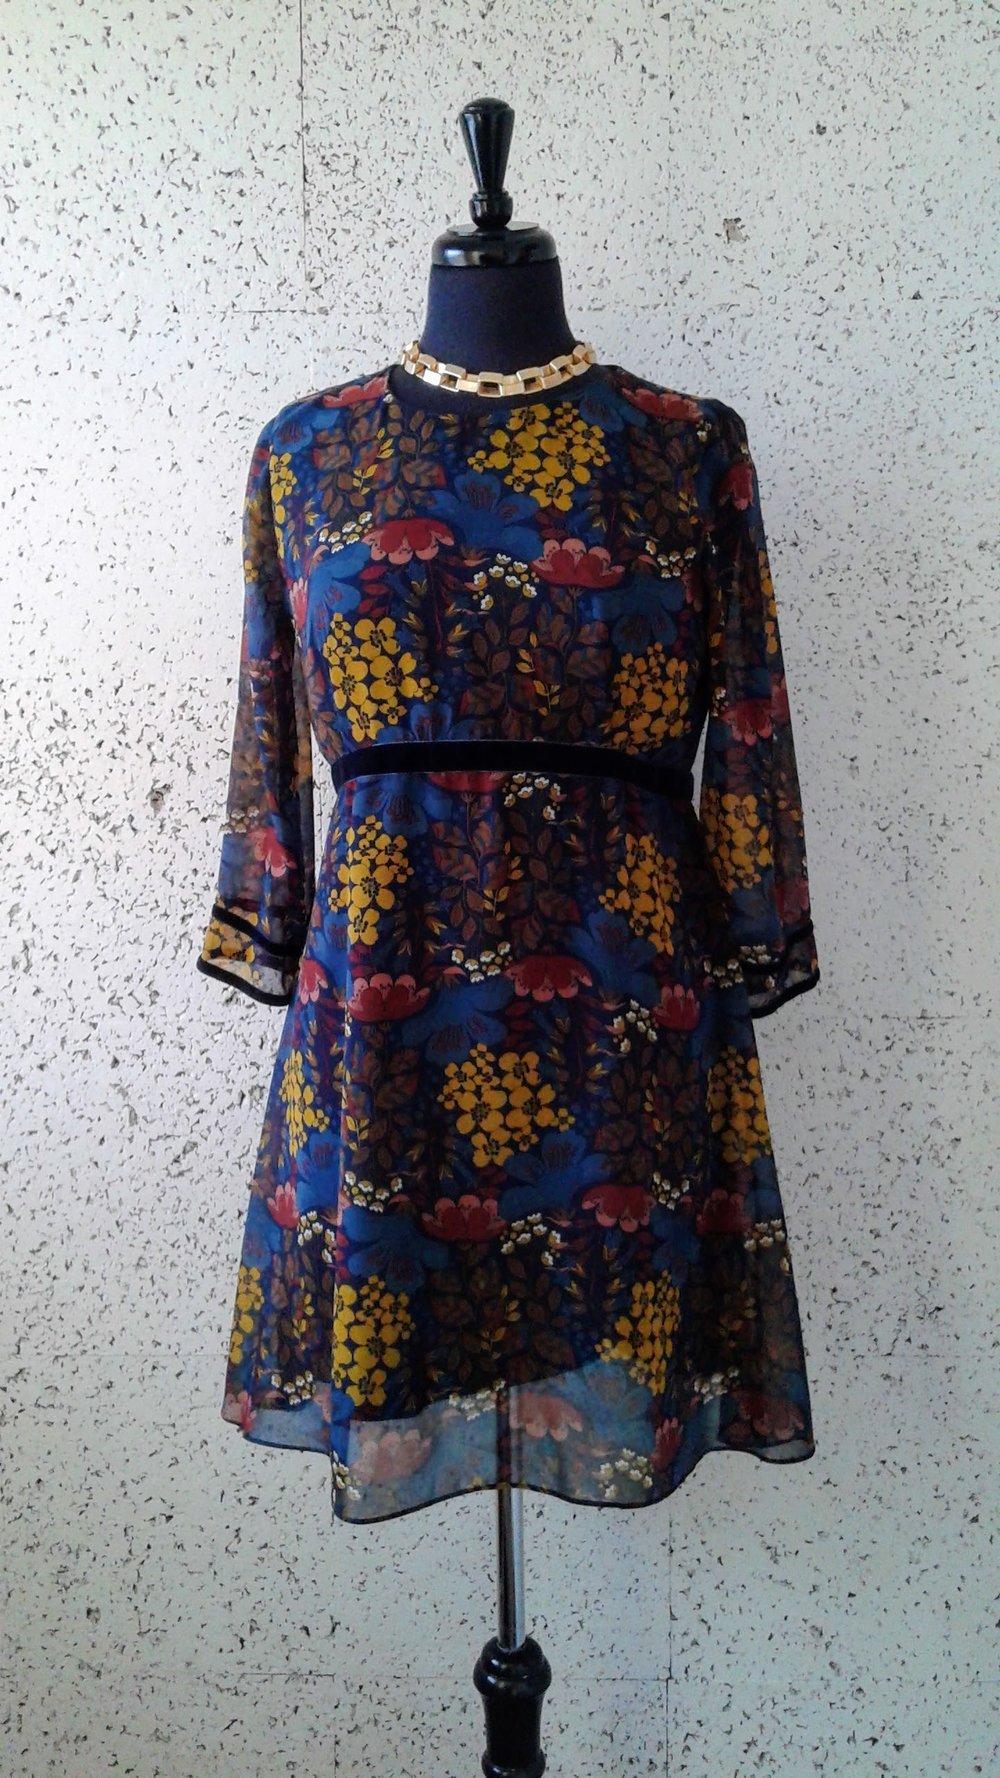 Zara dress; Size M, $32. Necklace $20